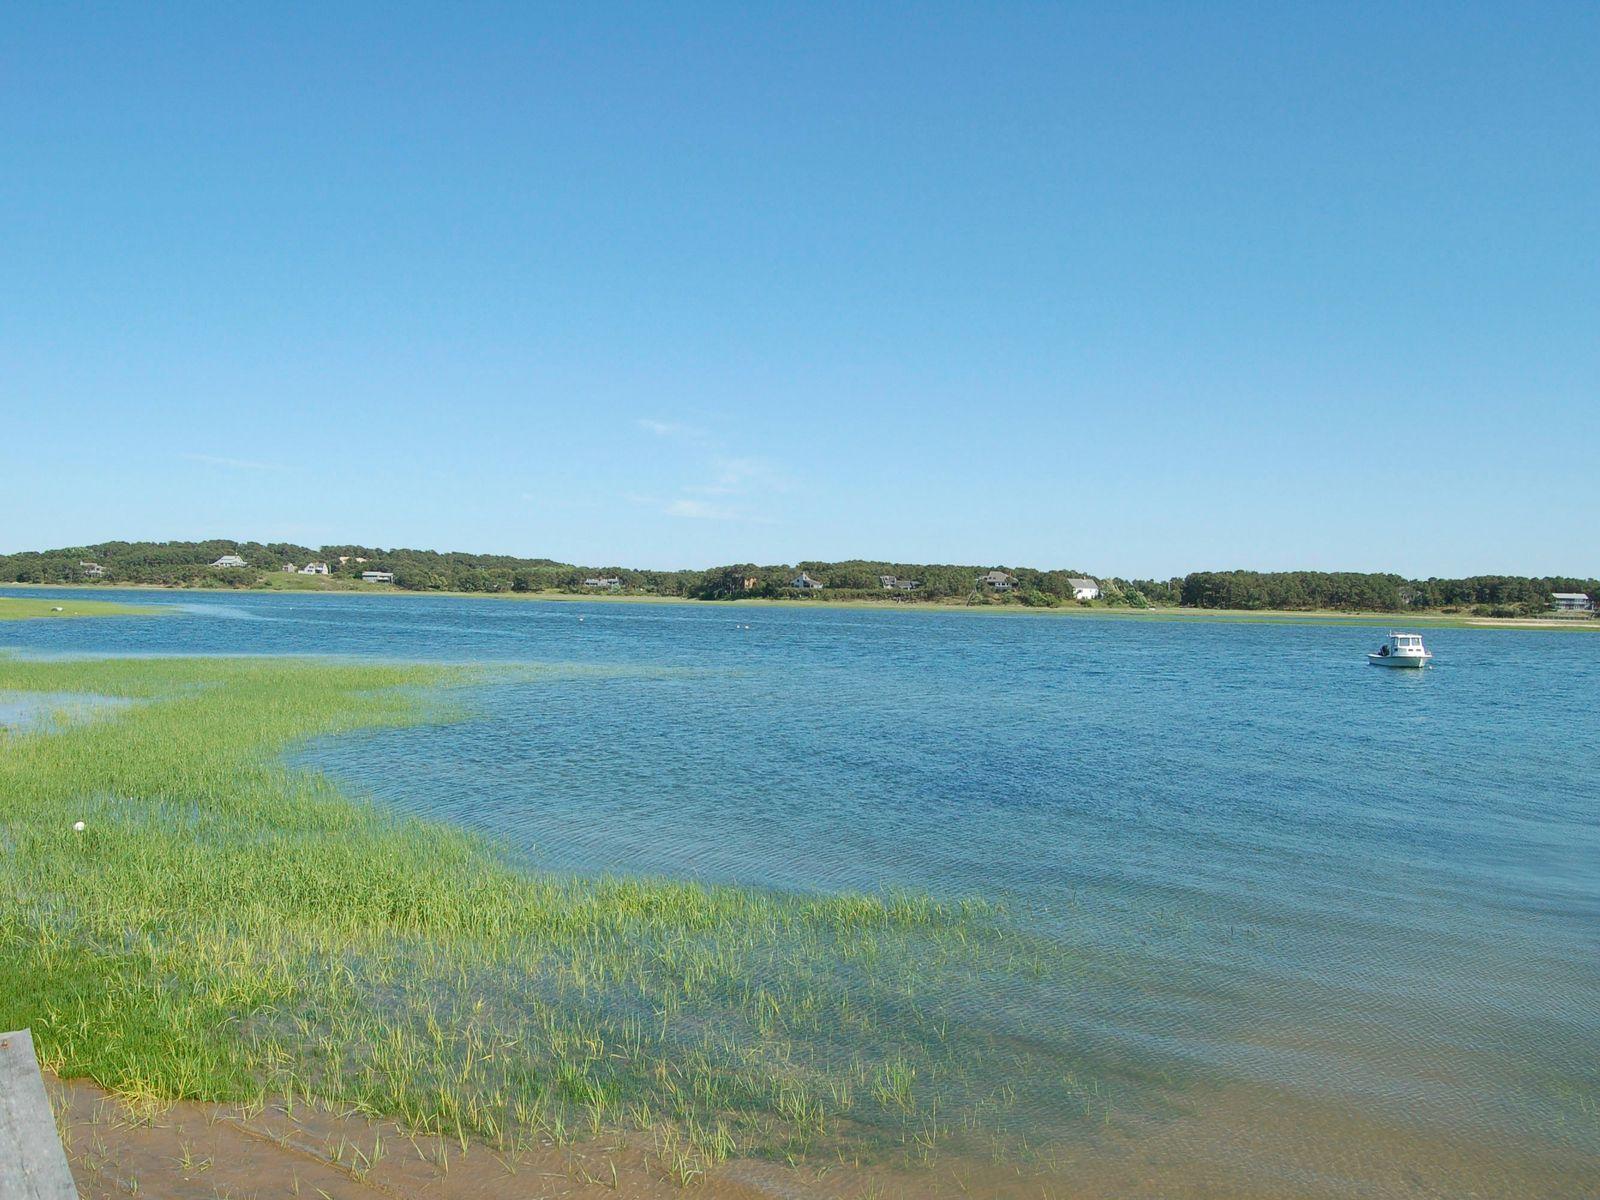 Wellfleet Pleasant Point Year-Round Home